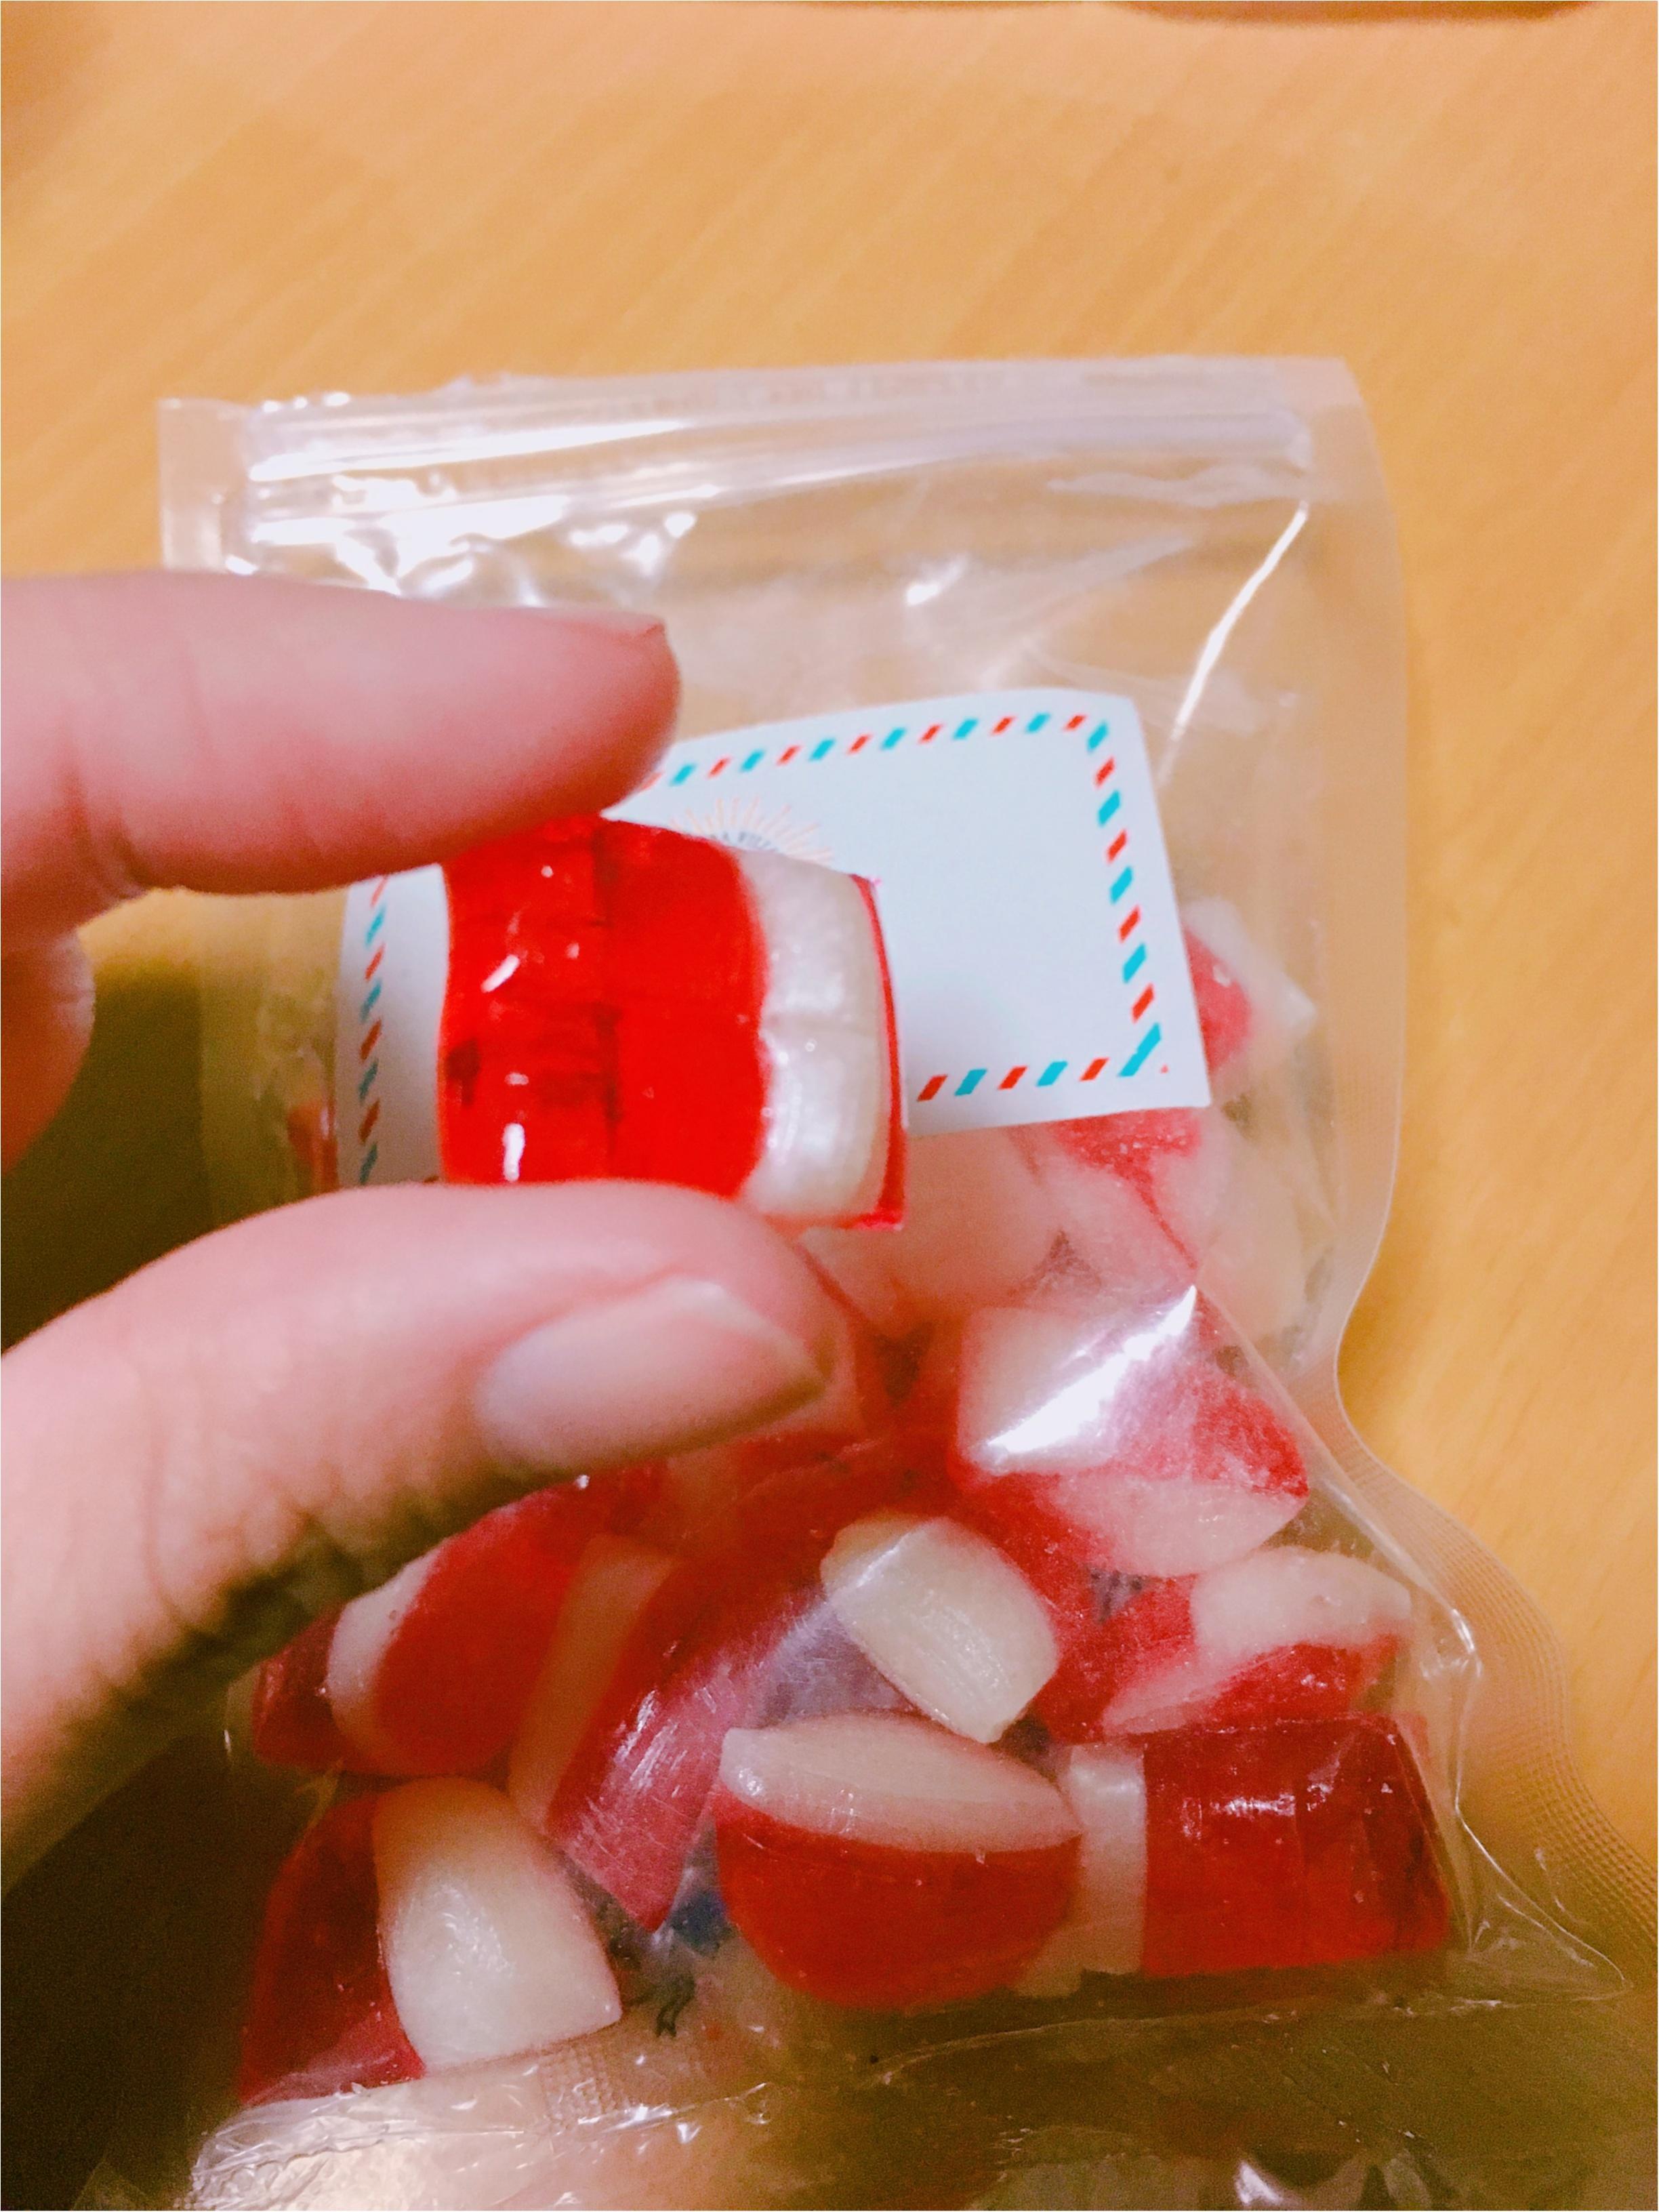 熊本阿蘇で見つけた可愛い手作り飴屋さん!【#モアチャレ 熊本の魅力発信!】_2